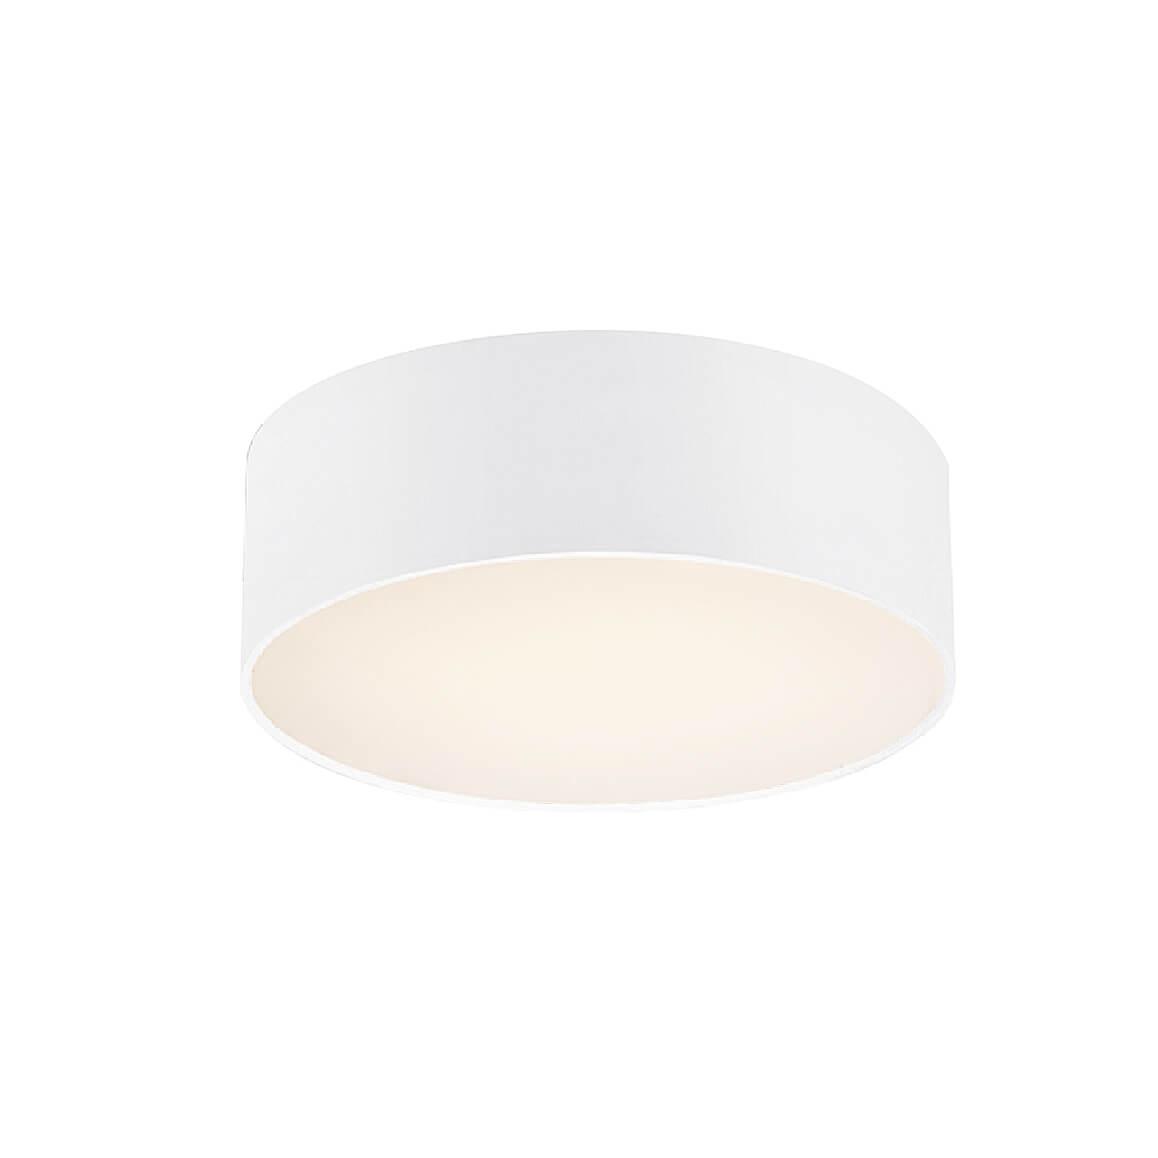 Потолочный светильник Favourite Cerchi 1515-2C1 стоимость